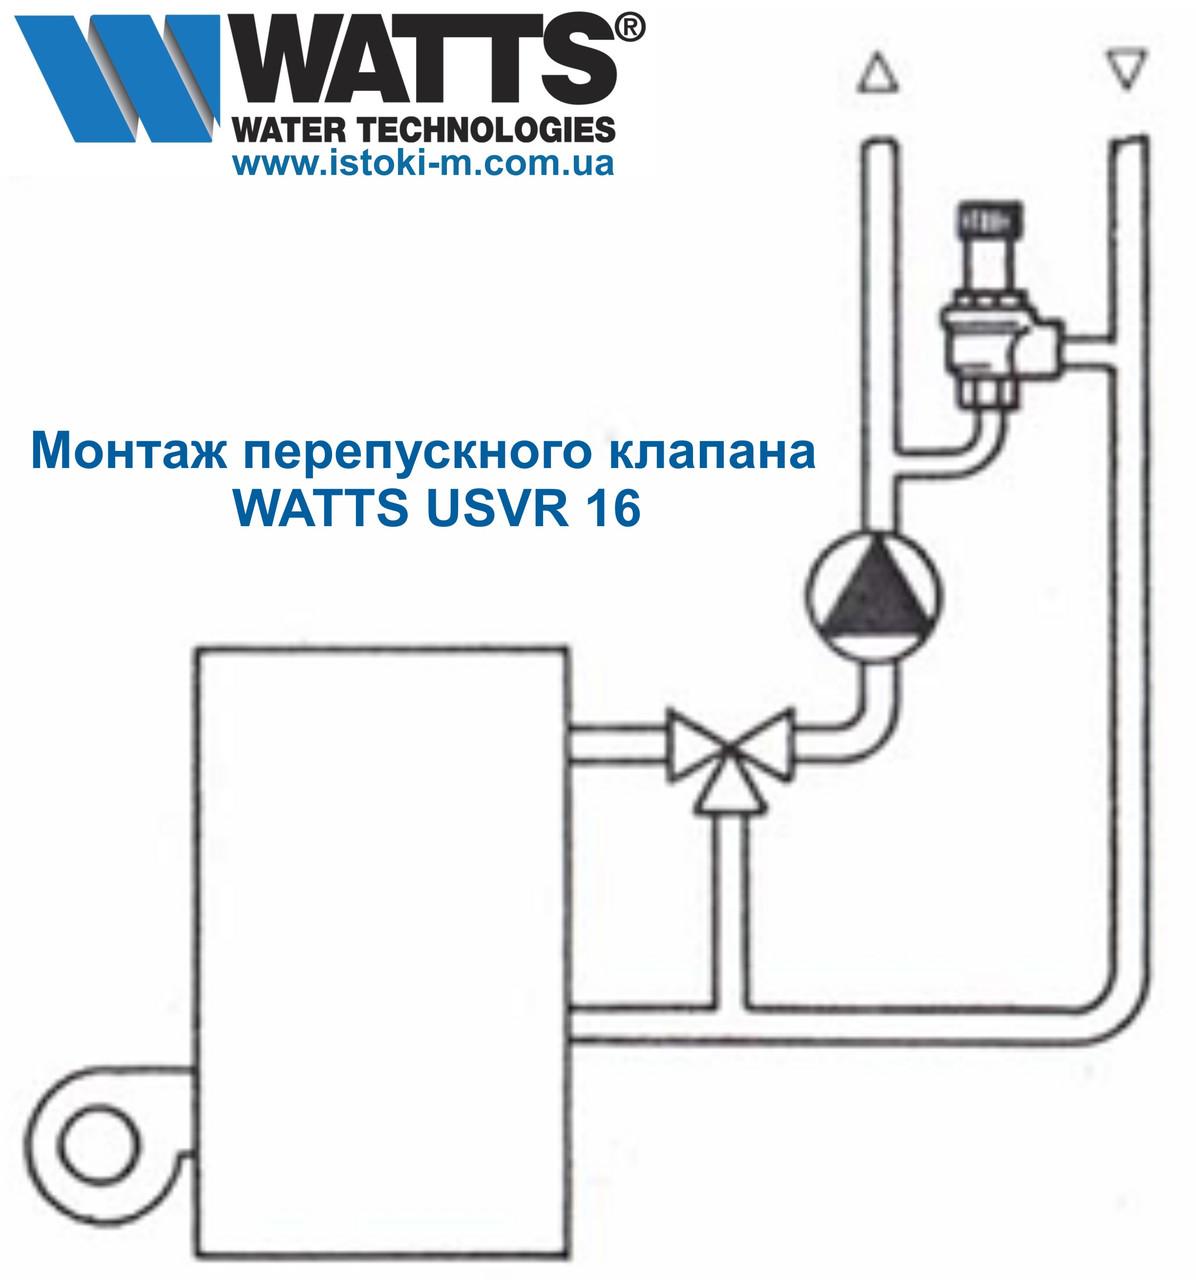 комплектующие для обвязки твердотопливного котла, комплектующие для автономной системы отопления, перепускной клапан